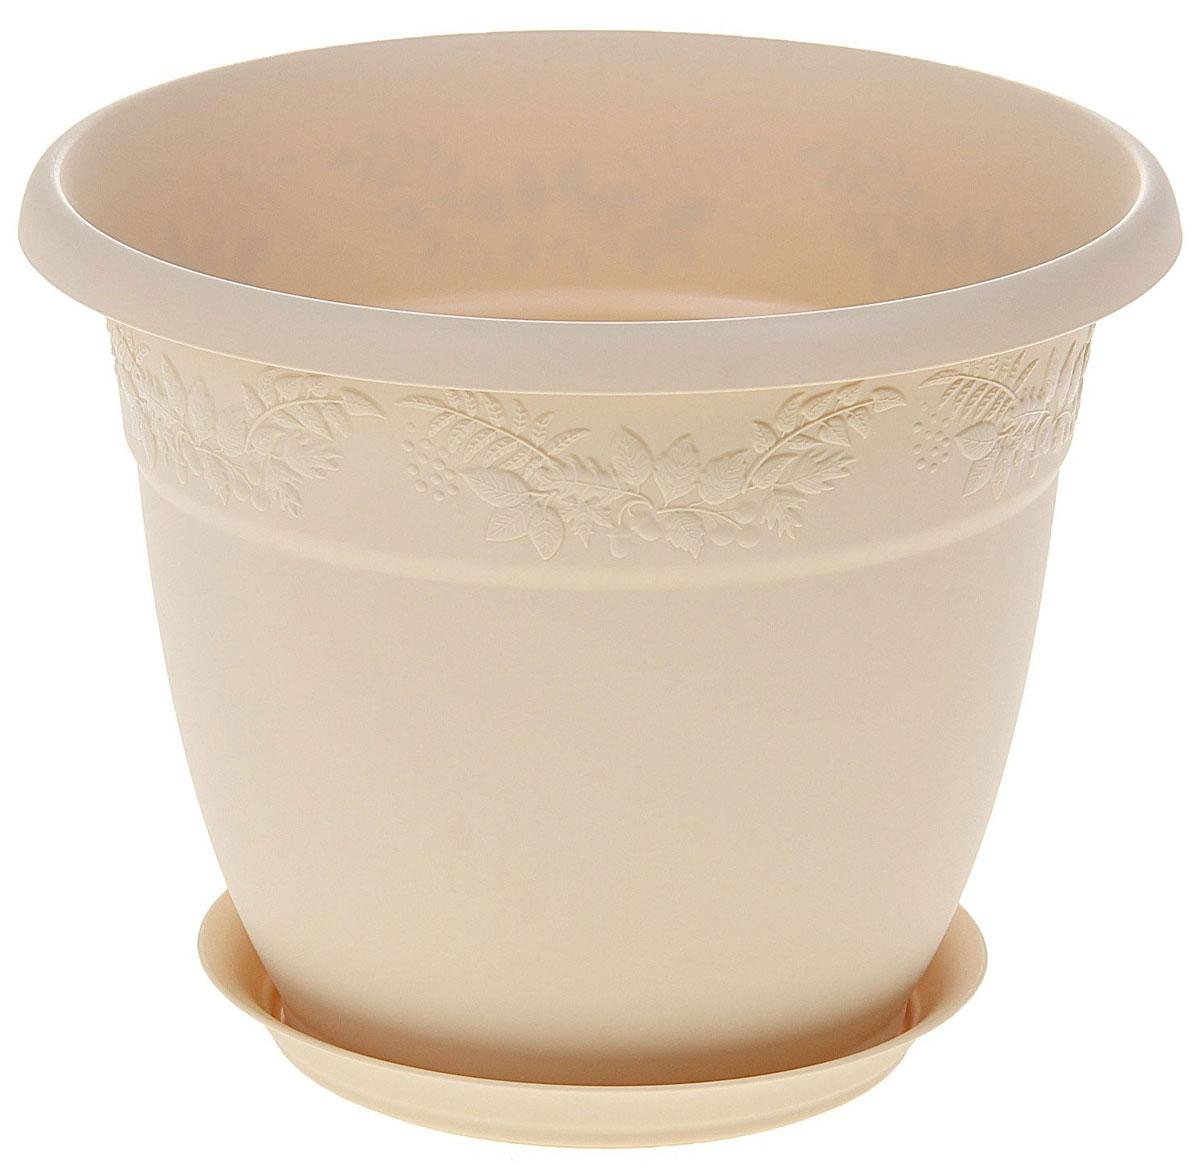 Кашпо Idea Рябина, с поддоном, цвет: белая глина, 7,5 л14-043 BЛюбой, даже самый современный и продуманный интерьер будет не завершённым без растений. Они не только очищают воздух и насыщают его кислородом, но и заметно украшают окружающее пространство. Такому полезному &laquo члену семьи&raquoпросто необходимо красивое и функциональное кашпо, оригинальный горшок или необычная ваза! Мы предлагаем - Кашпо 7,5 л Рябина d=28 см, с поддоном, цвет белая глина!Оптимальный выбор материала &mdash &nbsp пластмасса! Почему мы так считаем? Малый вес. С лёгкостью переносите горшки и кашпо с места на место, ставьте их на столики или полки, подвешивайте под потолок, не беспокоясь о нагрузке. Простота ухода. Пластиковые изделия не нуждаются в специальных условиях хранения. Их&nbsp легко чистить &mdashдостаточно просто сполоснуть тёплой водой. Никаких царапин. Пластиковые кашпо не царапают и не загрязняют поверхности, на которых стоят. Пластик дольше хранит влагу, а значит &mdashрастение реже нуждается в поливе. Пластмасса не пропускает воздух &mdashкорневой системе растения не грозят резкие перепады температур. Огромный выбор форм, декора и расцветок &mdashвы без труда подберёте что-то, что идеально впишется в уже существующий интерьер.Соблюдая нехитрые правила ухода, вы можете заметно продлить срок службы горшков, вазонов и кашпо из пластика: всегда учитывайте размер кроны и корневой системы растения (при разрастании большое растение способно повредить маленький горшок)берегите изделие от воздействия прямых солнечных лучей, чтобы кашпо и горшки не выцветалидержите кашпо и горшки из пластика подальше от нагревающихся поверхностей.Создавайте прекрасные цветочные композиции, выращивайте рассаду или необычные растения, а низкие цены позволят вам не ограничивать себя в выборе.